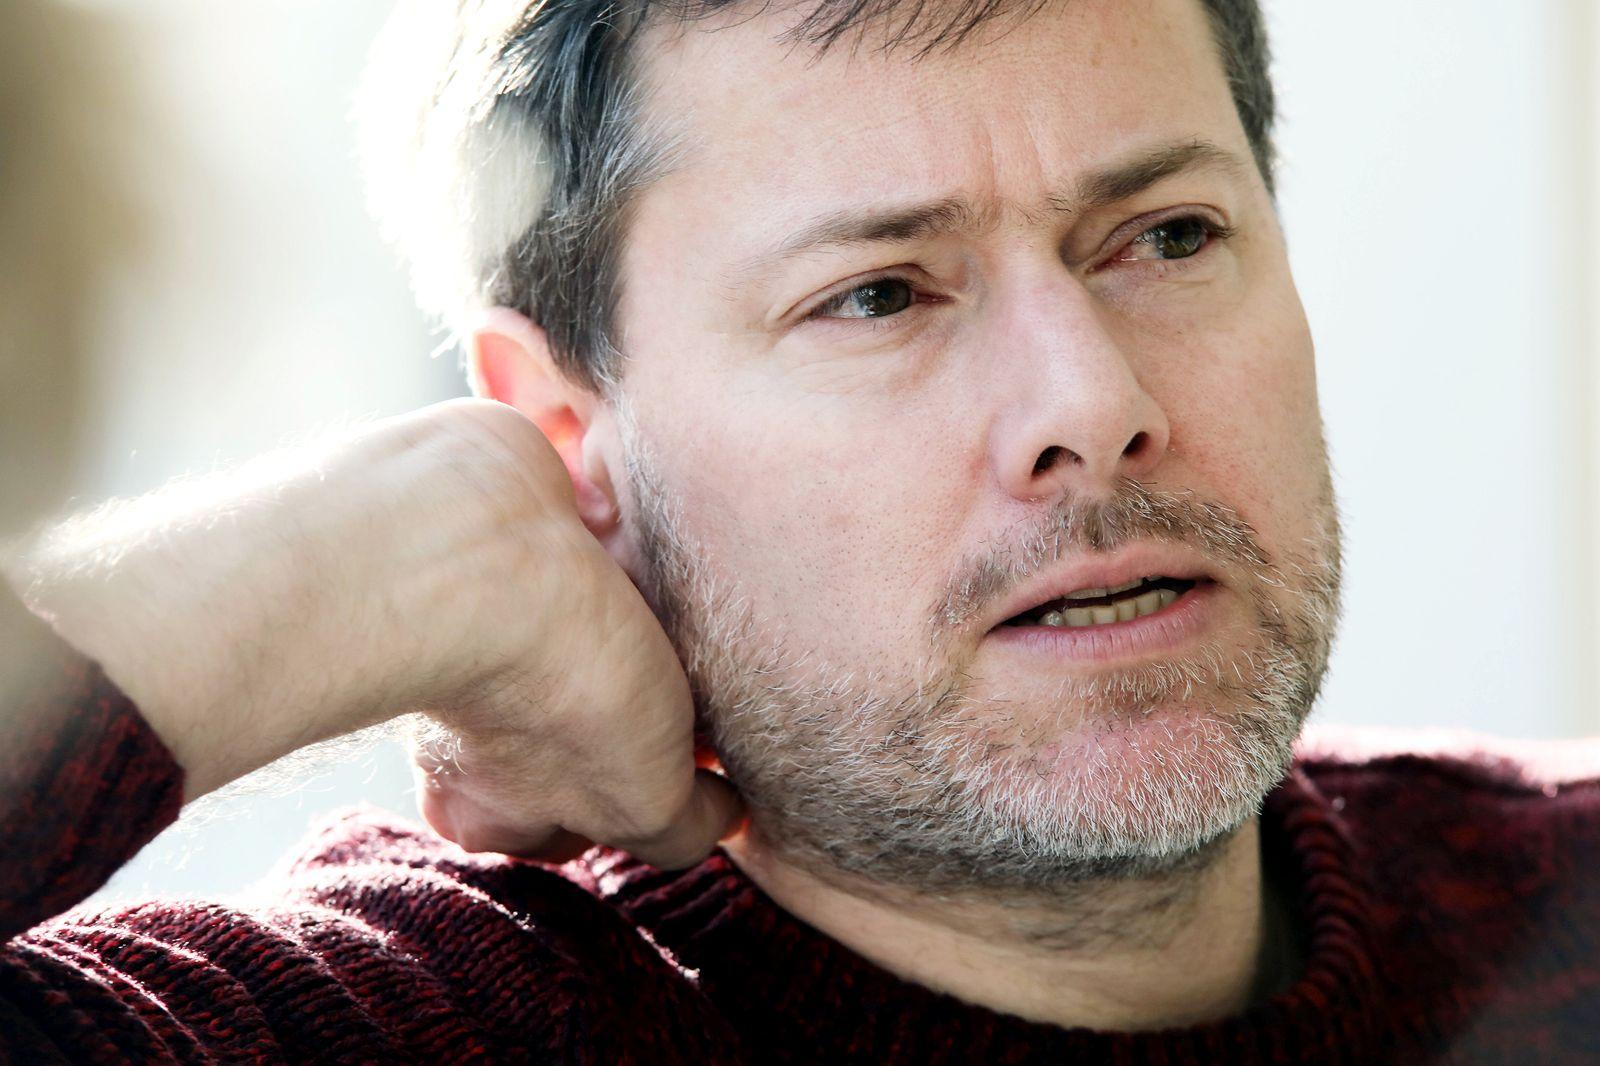 13.02.2020, Berlin/Charlottenburg. Milo Rau (43), Regisseur, Theaterautor, Essayist und Wissenschaftler. *** 13 02 2020,